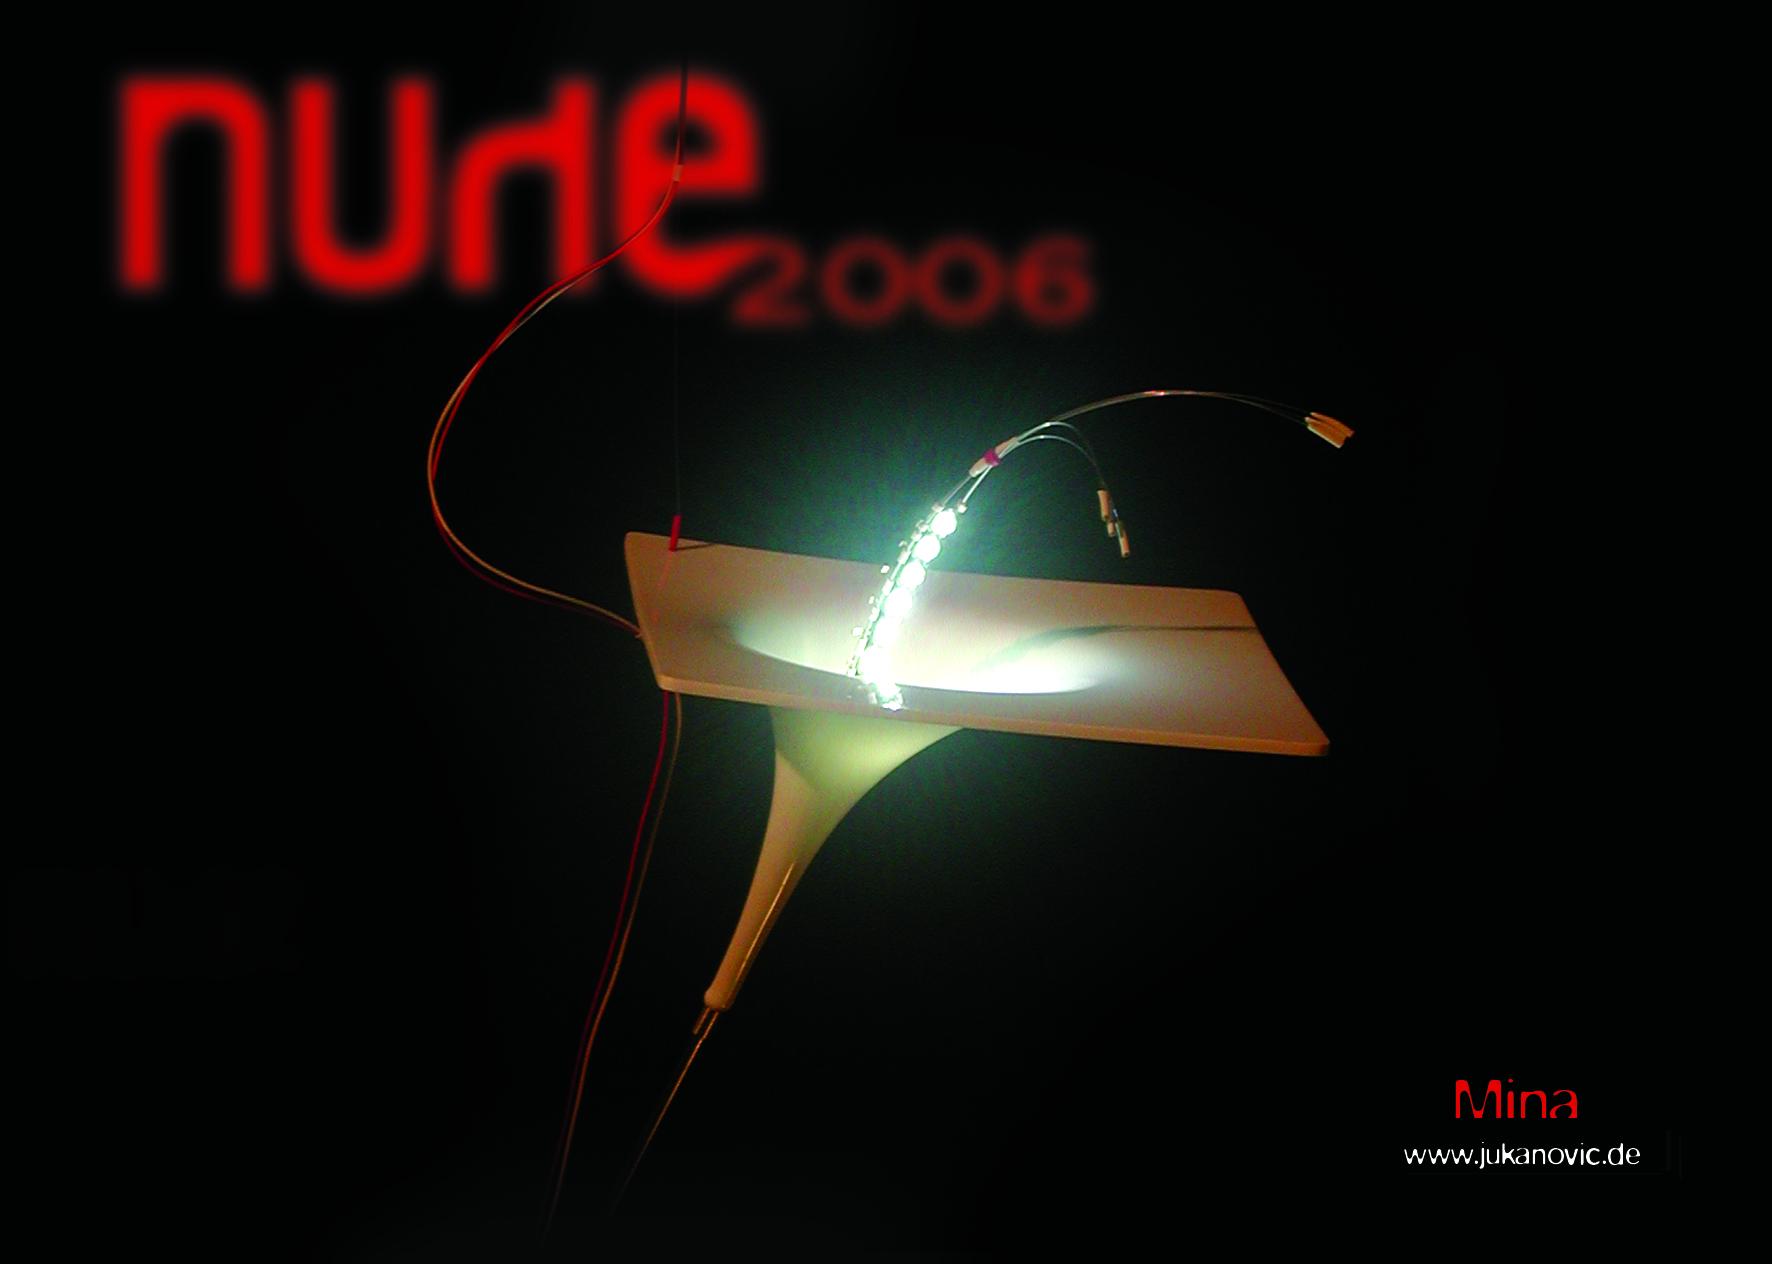 Nude2006